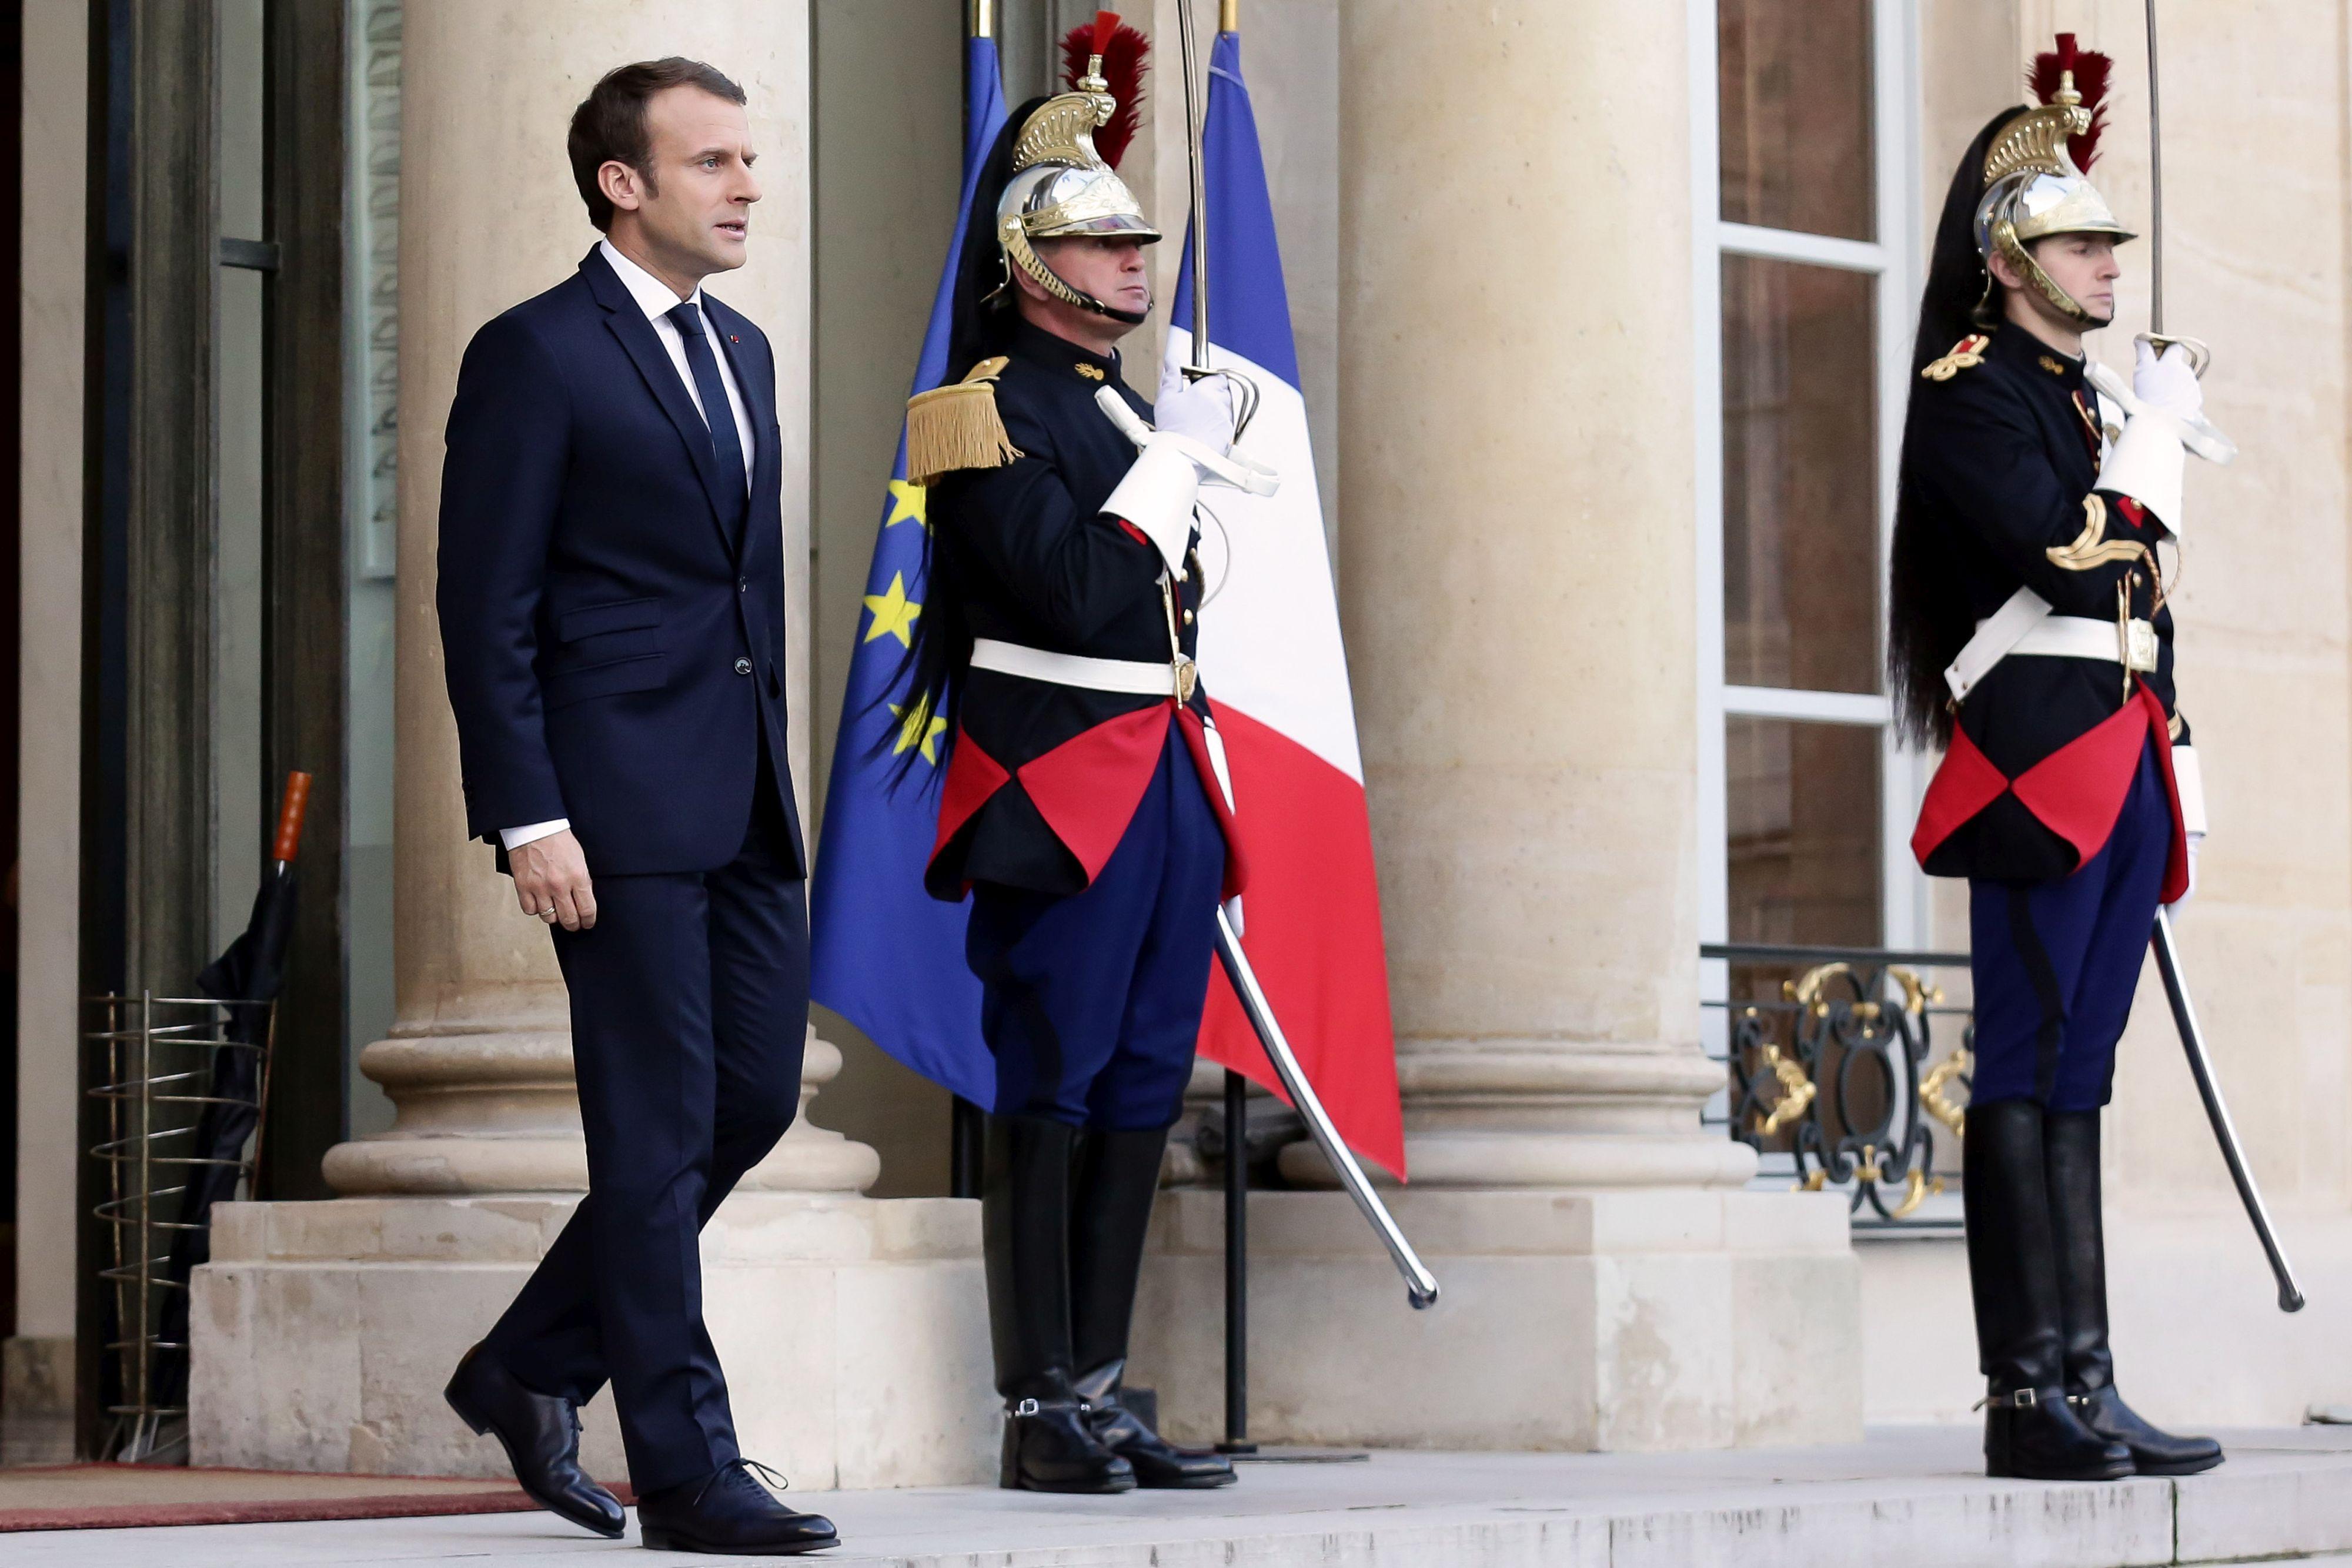 Franţa şi Germania susţin consolidarea UE. Declaraţiile preşedinţilor celor două mari puteri despre revenirea în funcţia de cancelar a Angelei Merkel